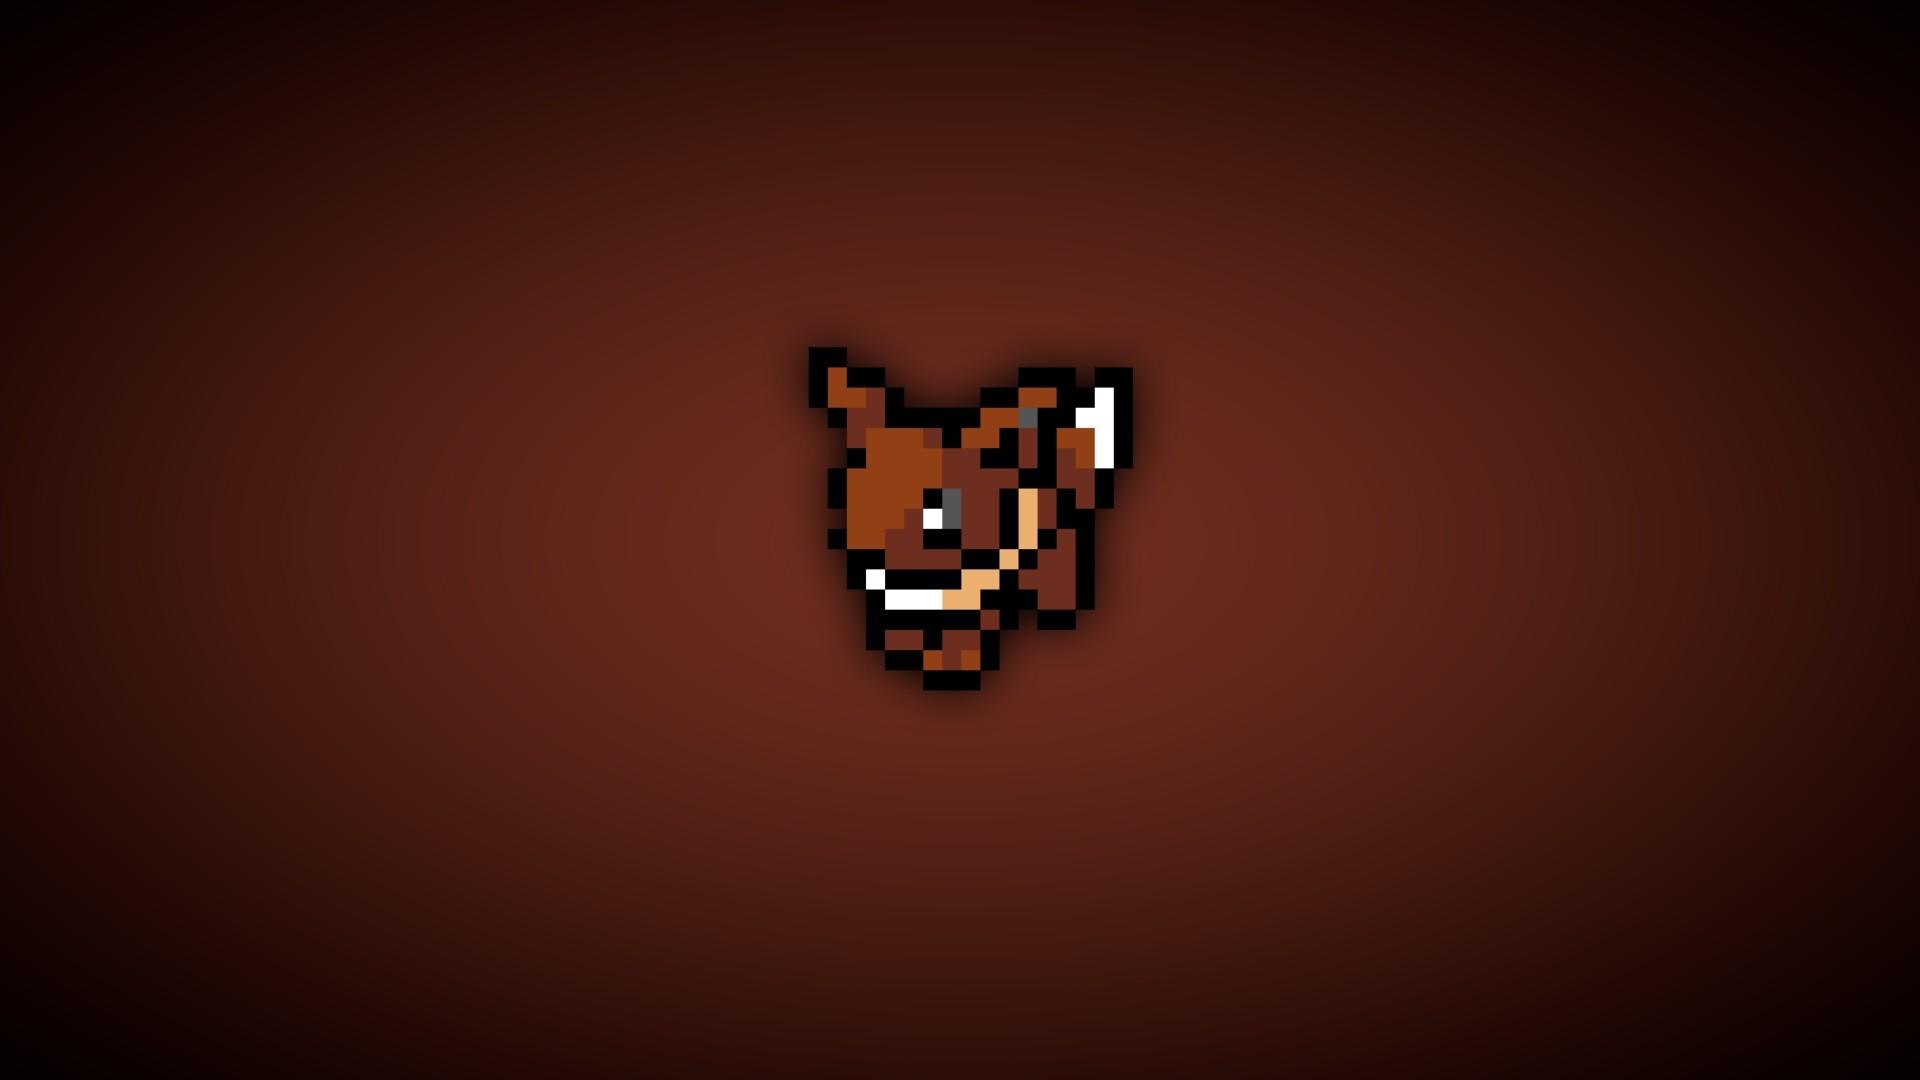 HD Pokemon Phone Eevee Image.